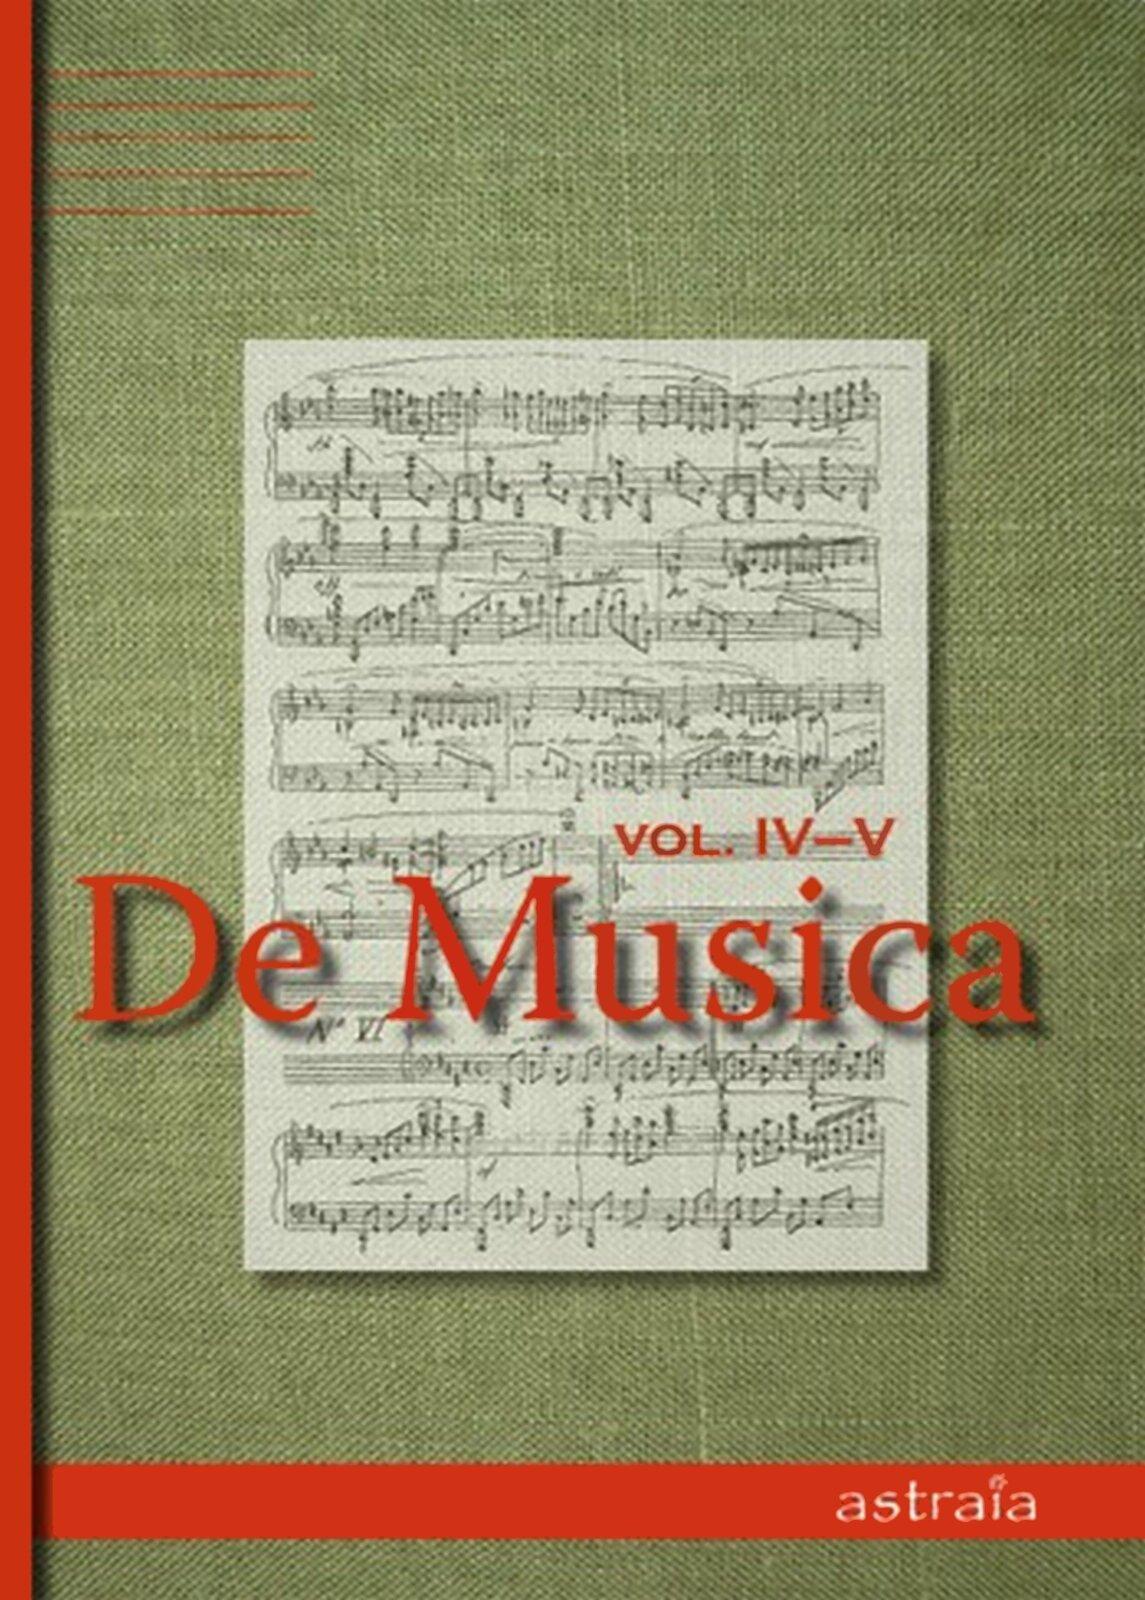 """Ilustracja przedstawia okładkę czasopisma muzycznego """"De Musica"""". Wtle znajduje się karta znutami, na których widnieje tytuł czasopisma."""